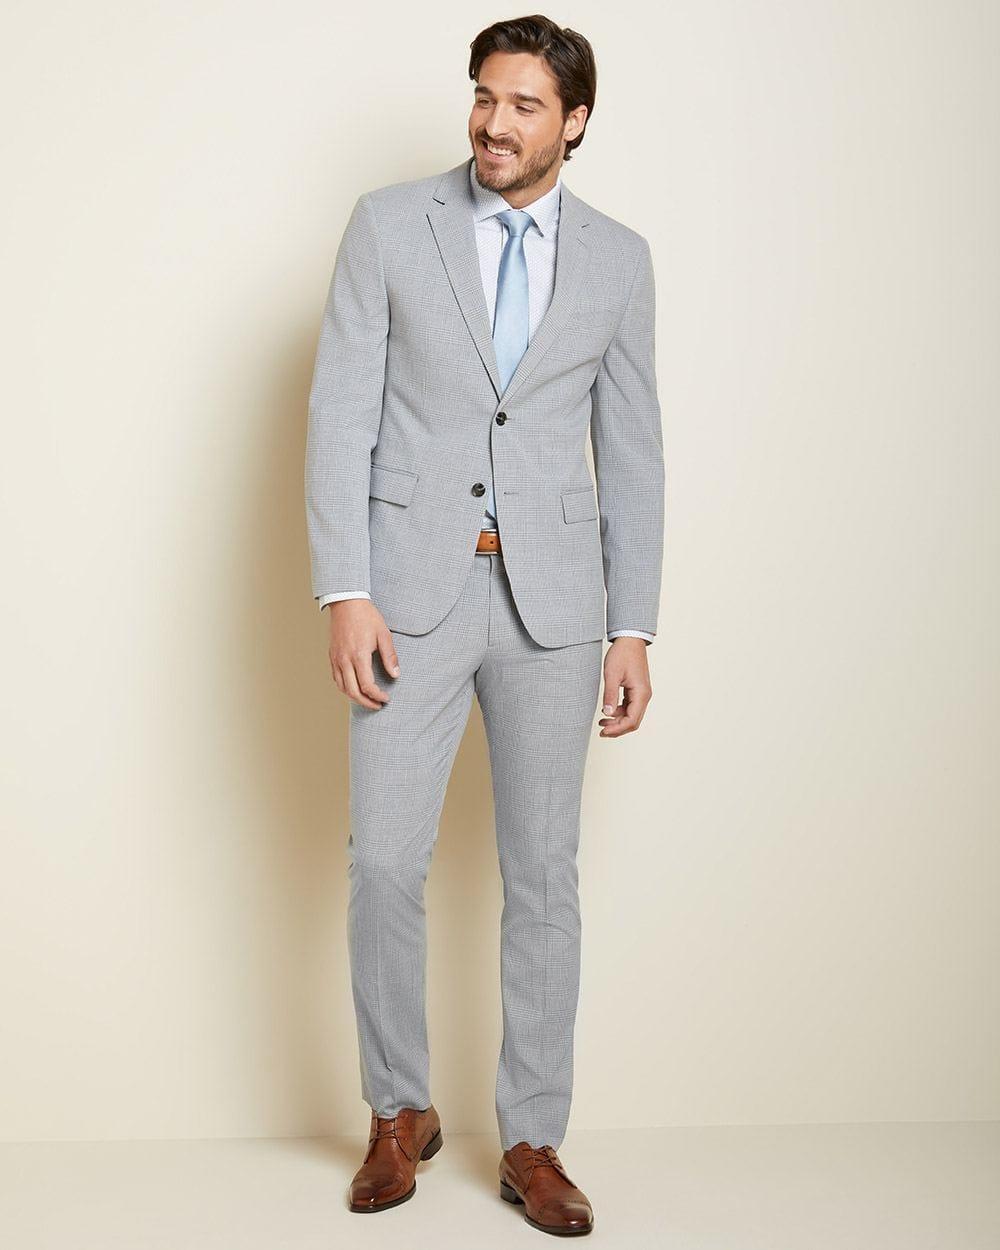 da02ce45725b8 Slim Fit light grey check suit Pant